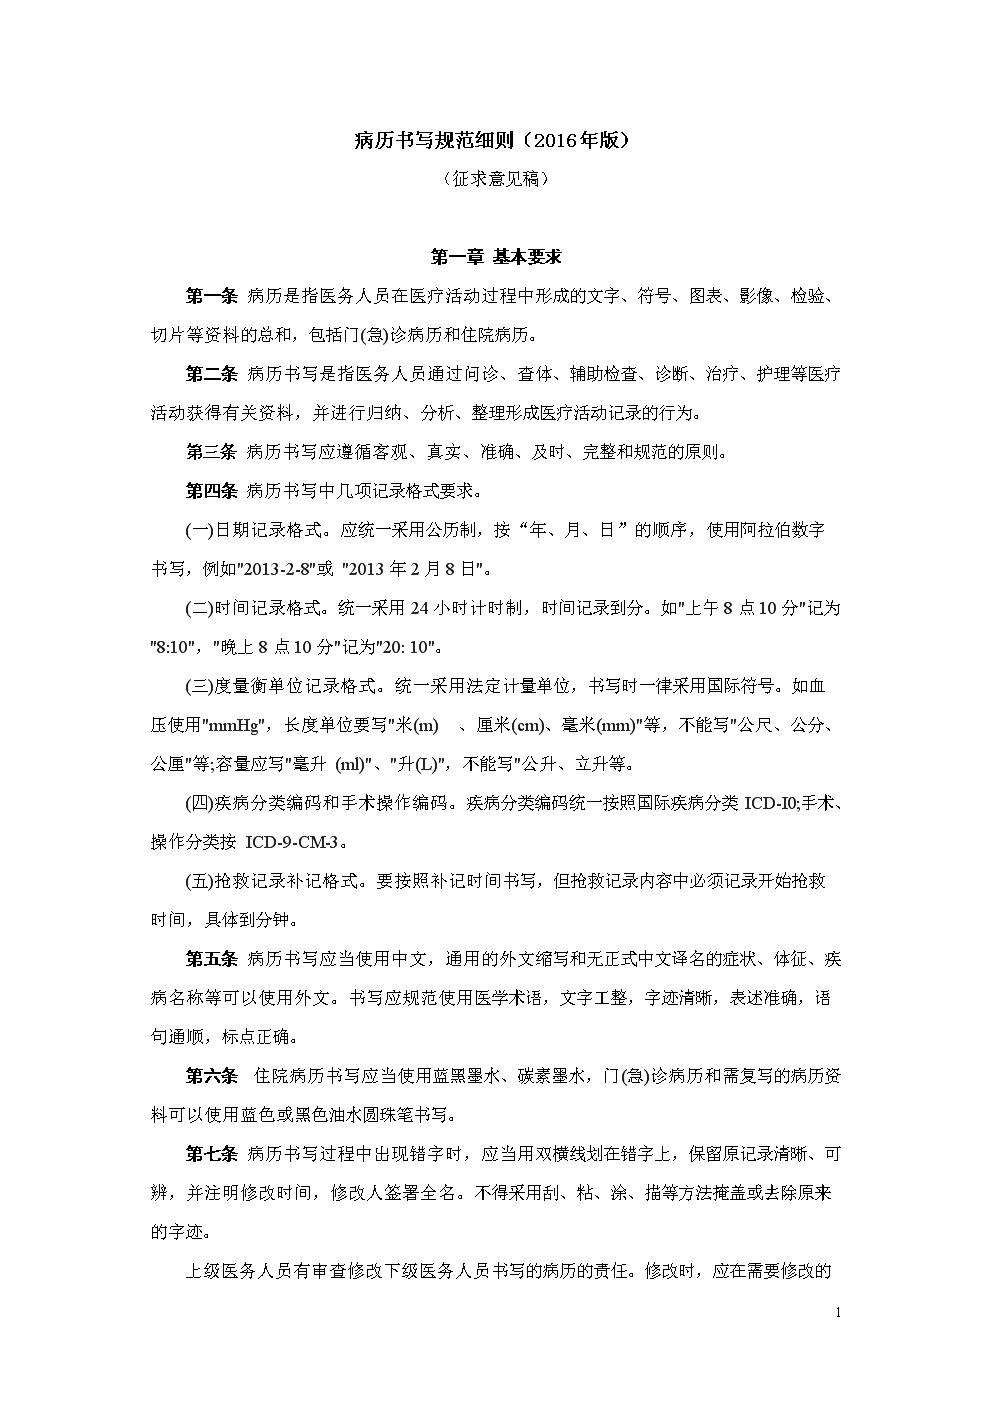 病历书写规范细则-(2016年版).doc